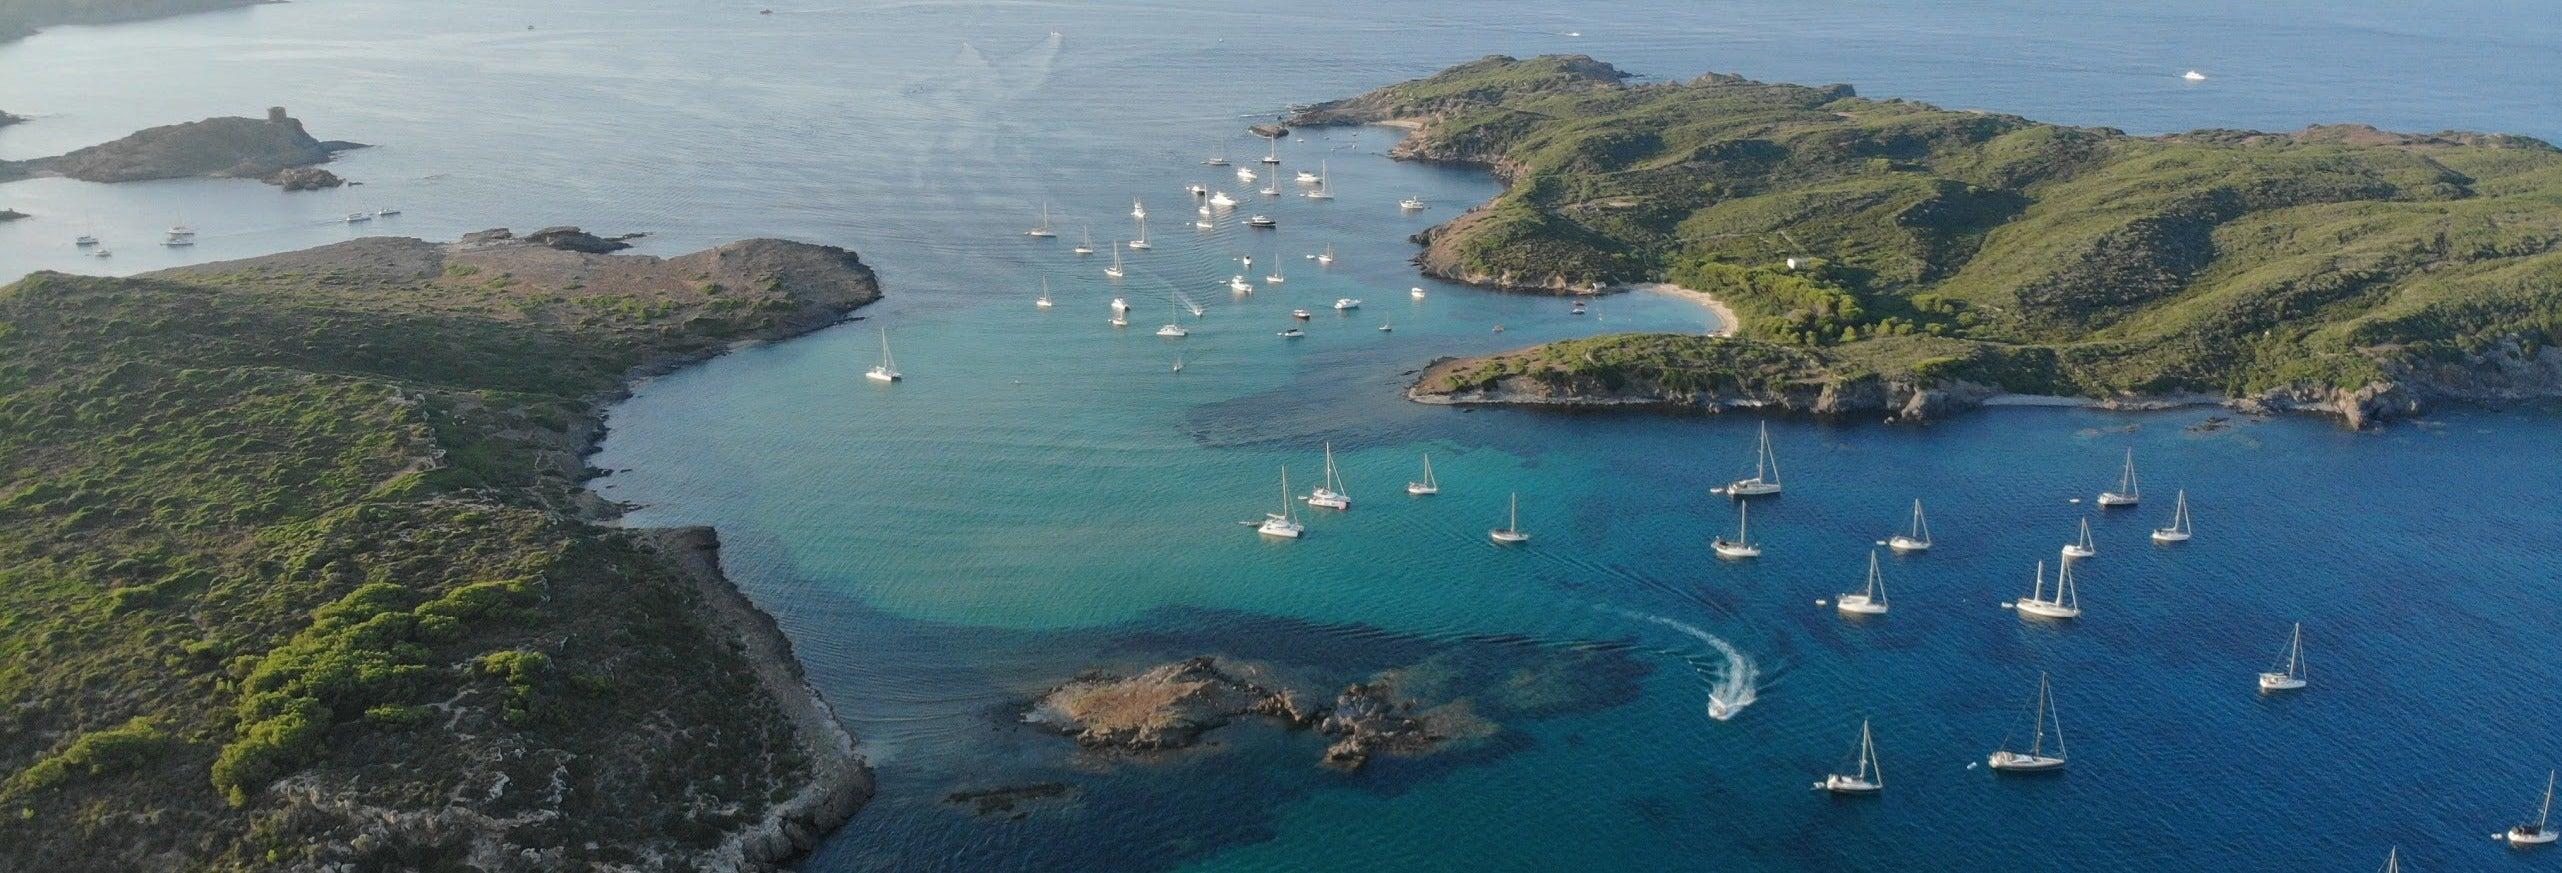 Transfer de lancha até a ilha de Colom saindo de Es Grau